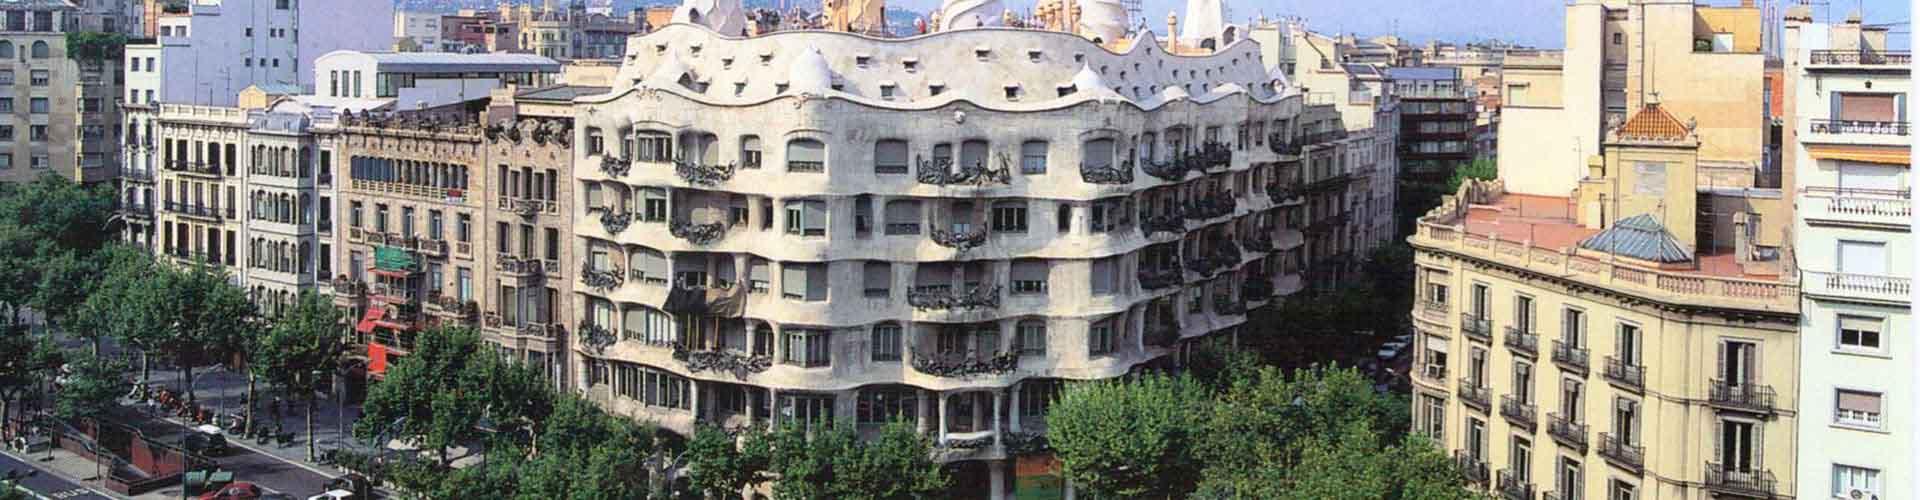 바르셀로나 - 까사 밀라에 가까운 호텔. 바르셀로나의 지도, 바르셀로나에 위치한 호텔에 대한 사진 및 리뷰.